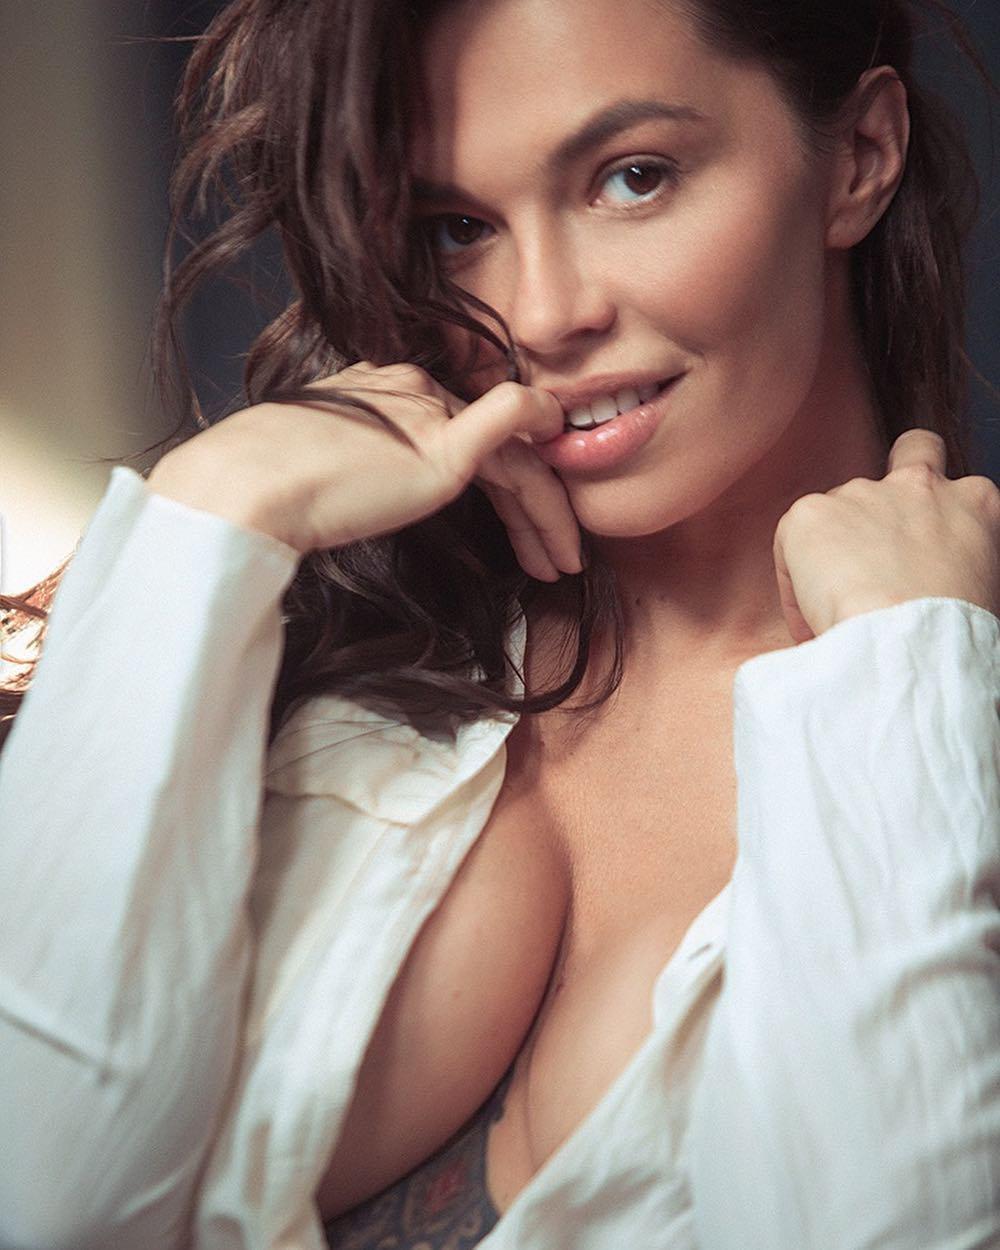 karinazvereva: Когда есть грудь и тату,можно и без макияжа    #makeupfree С любимым @konasov.photo Начинают тут матроны разговаривать,что мол фии силикон.После активного занятия фитнесом моя трёшка превратилась в мешочки  Я не вижу проблем пользоваться современн...